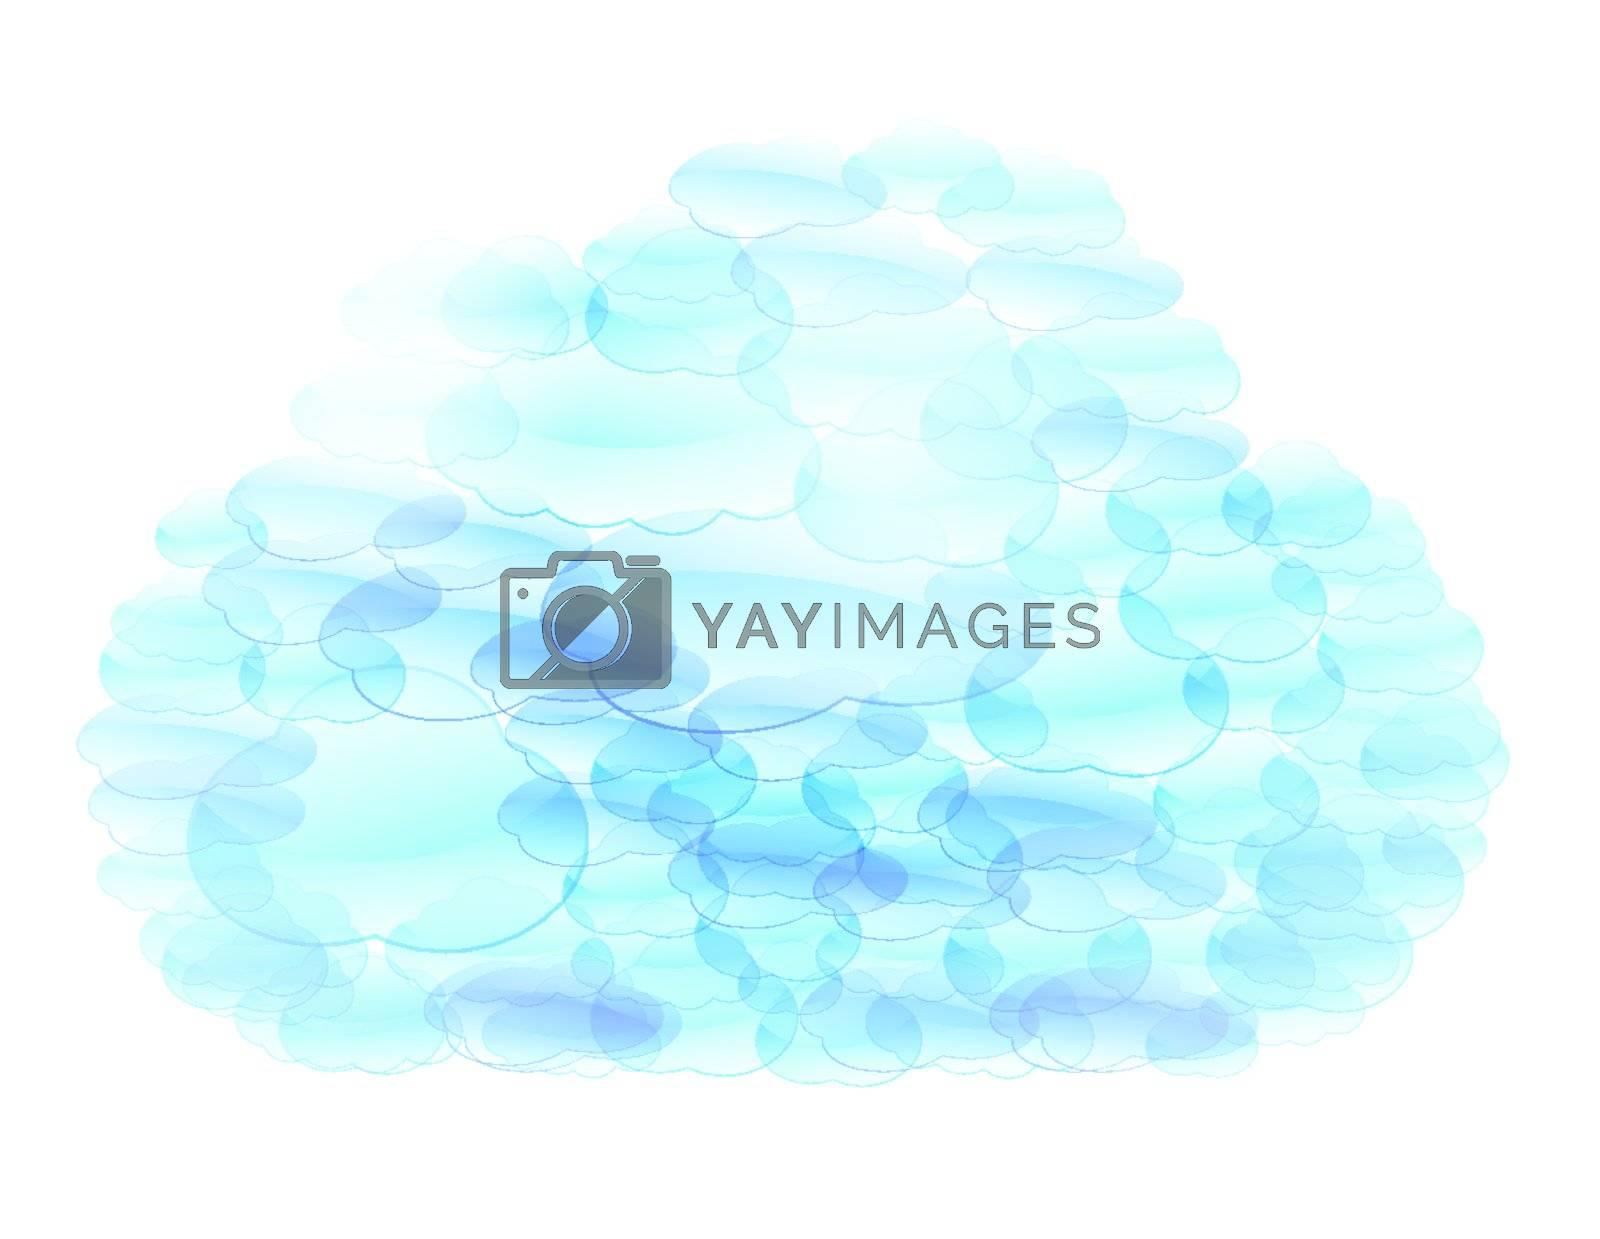 Blue cloud speech bubbles